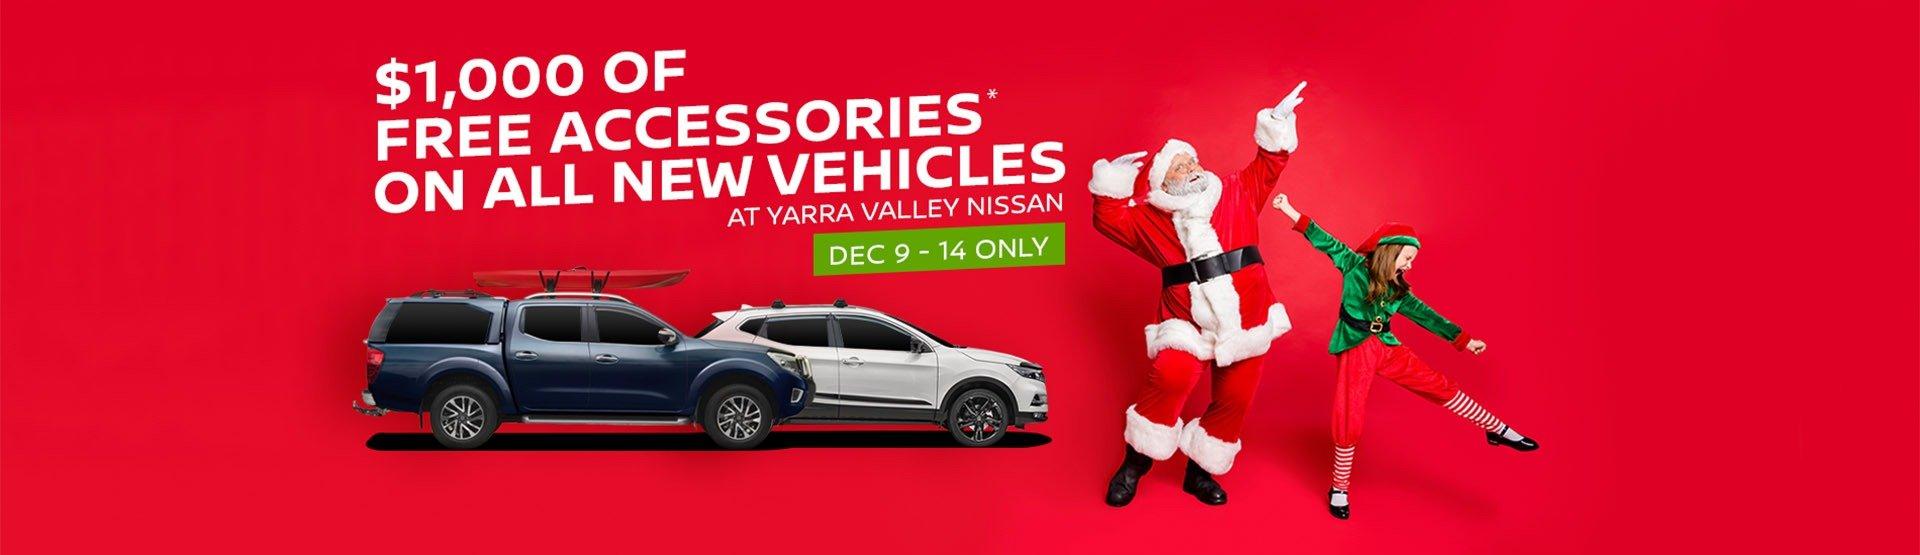 Yarra Valley Nissan | Accessories Sale